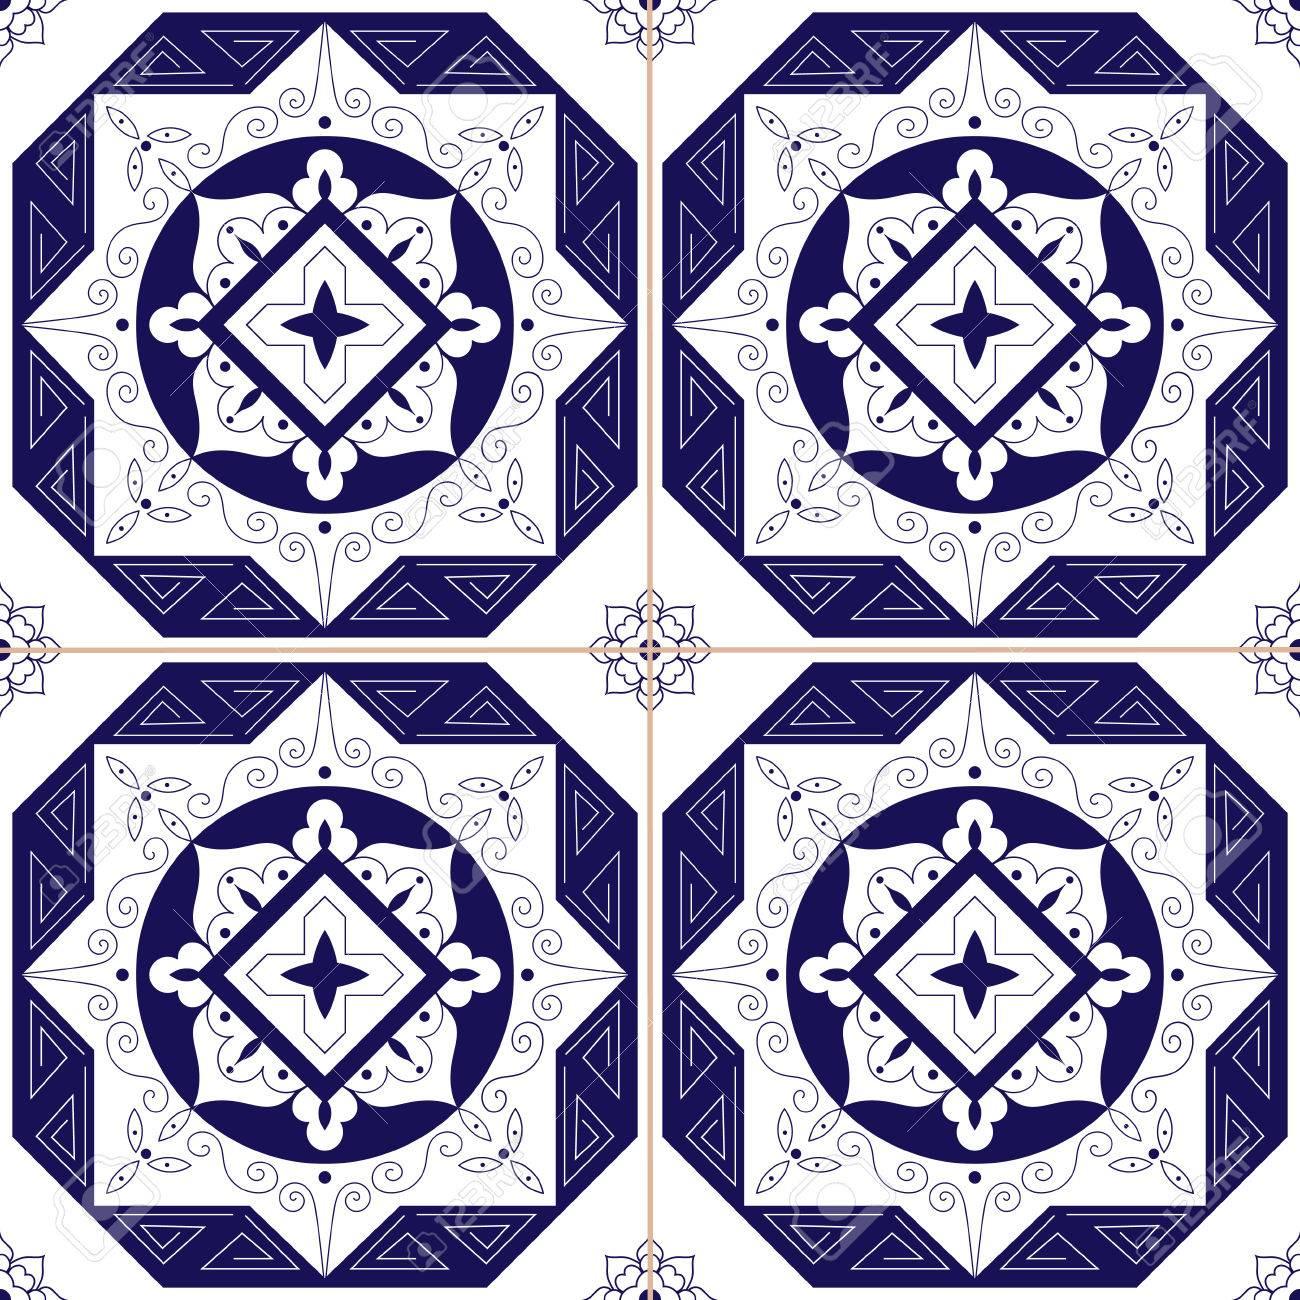 Archivio Fotografico   Piastrelle Messicane Azulejos Modello Vettoriale  Senza Soluzione Di Continuità. Piastrelle Tradizionali Blu Piastrelle  Design ...